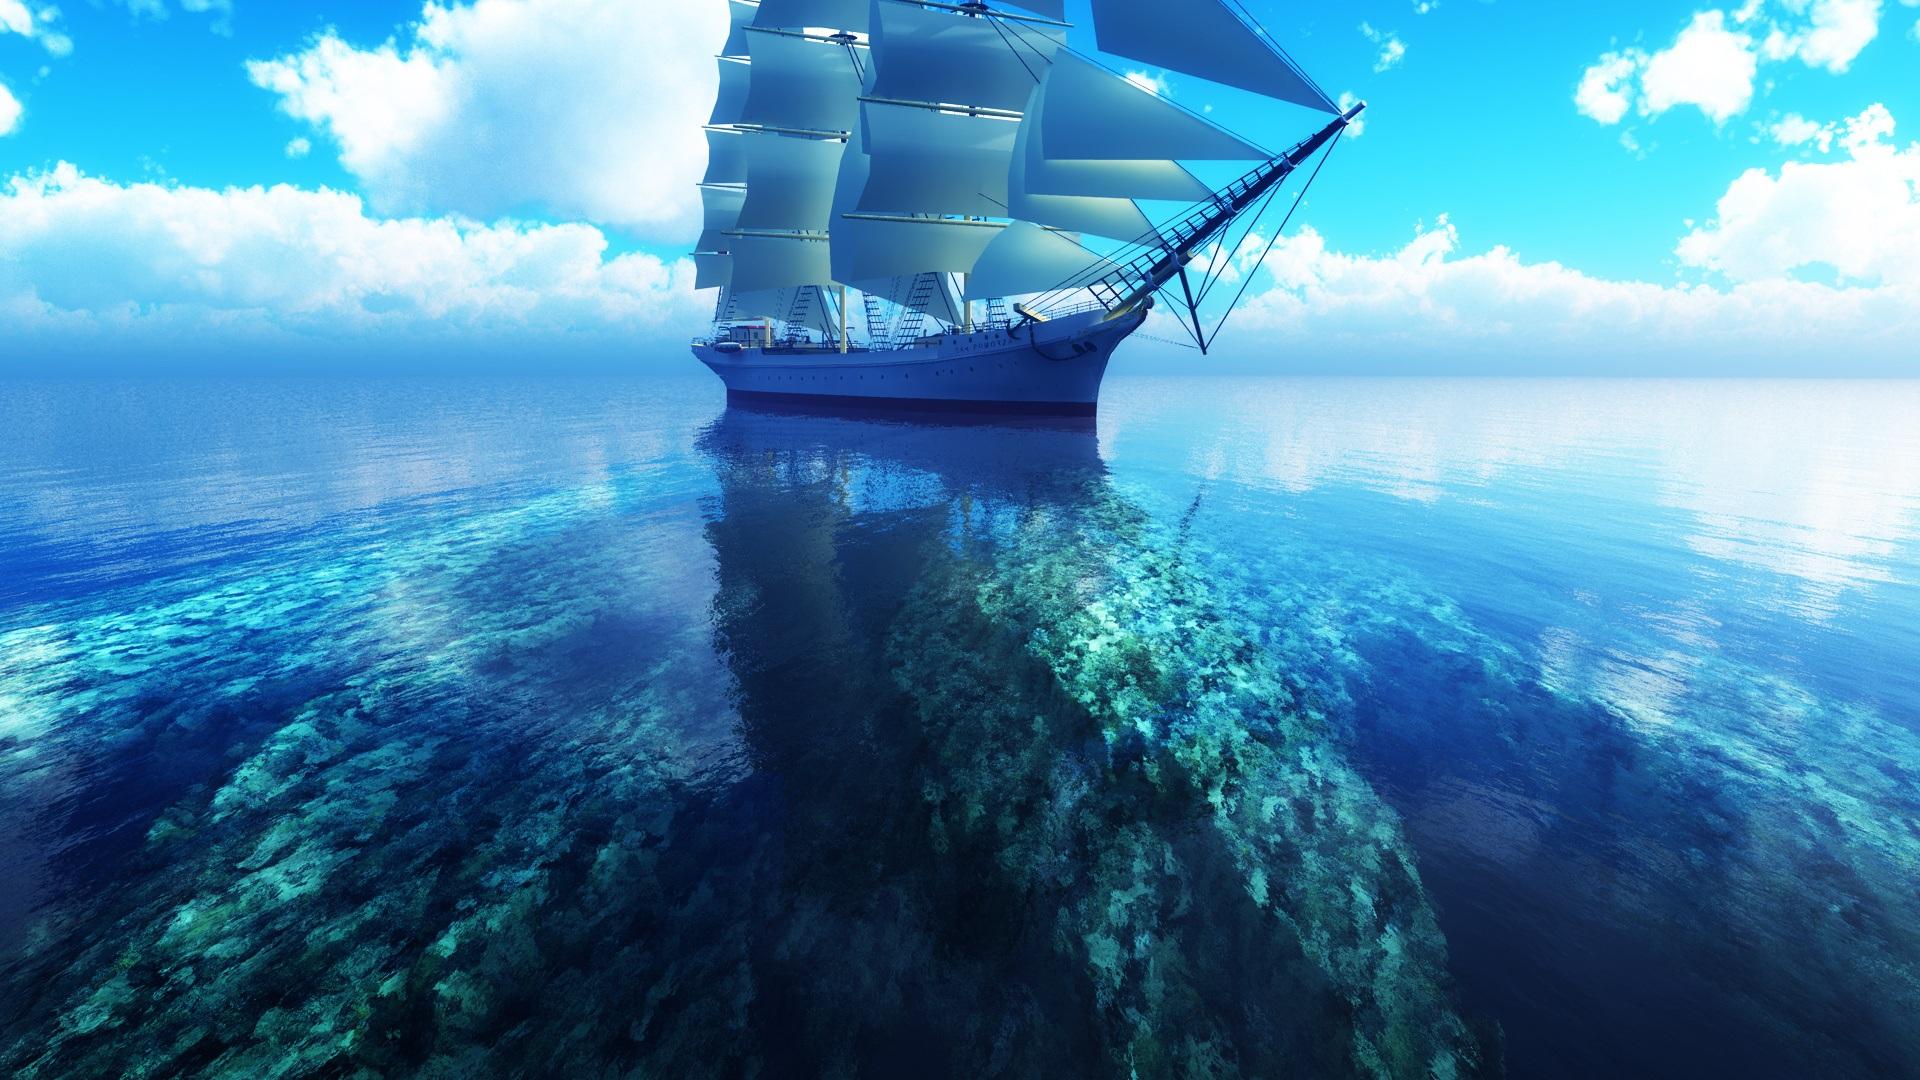 3d Sailboat Blue Sea 1920x1080